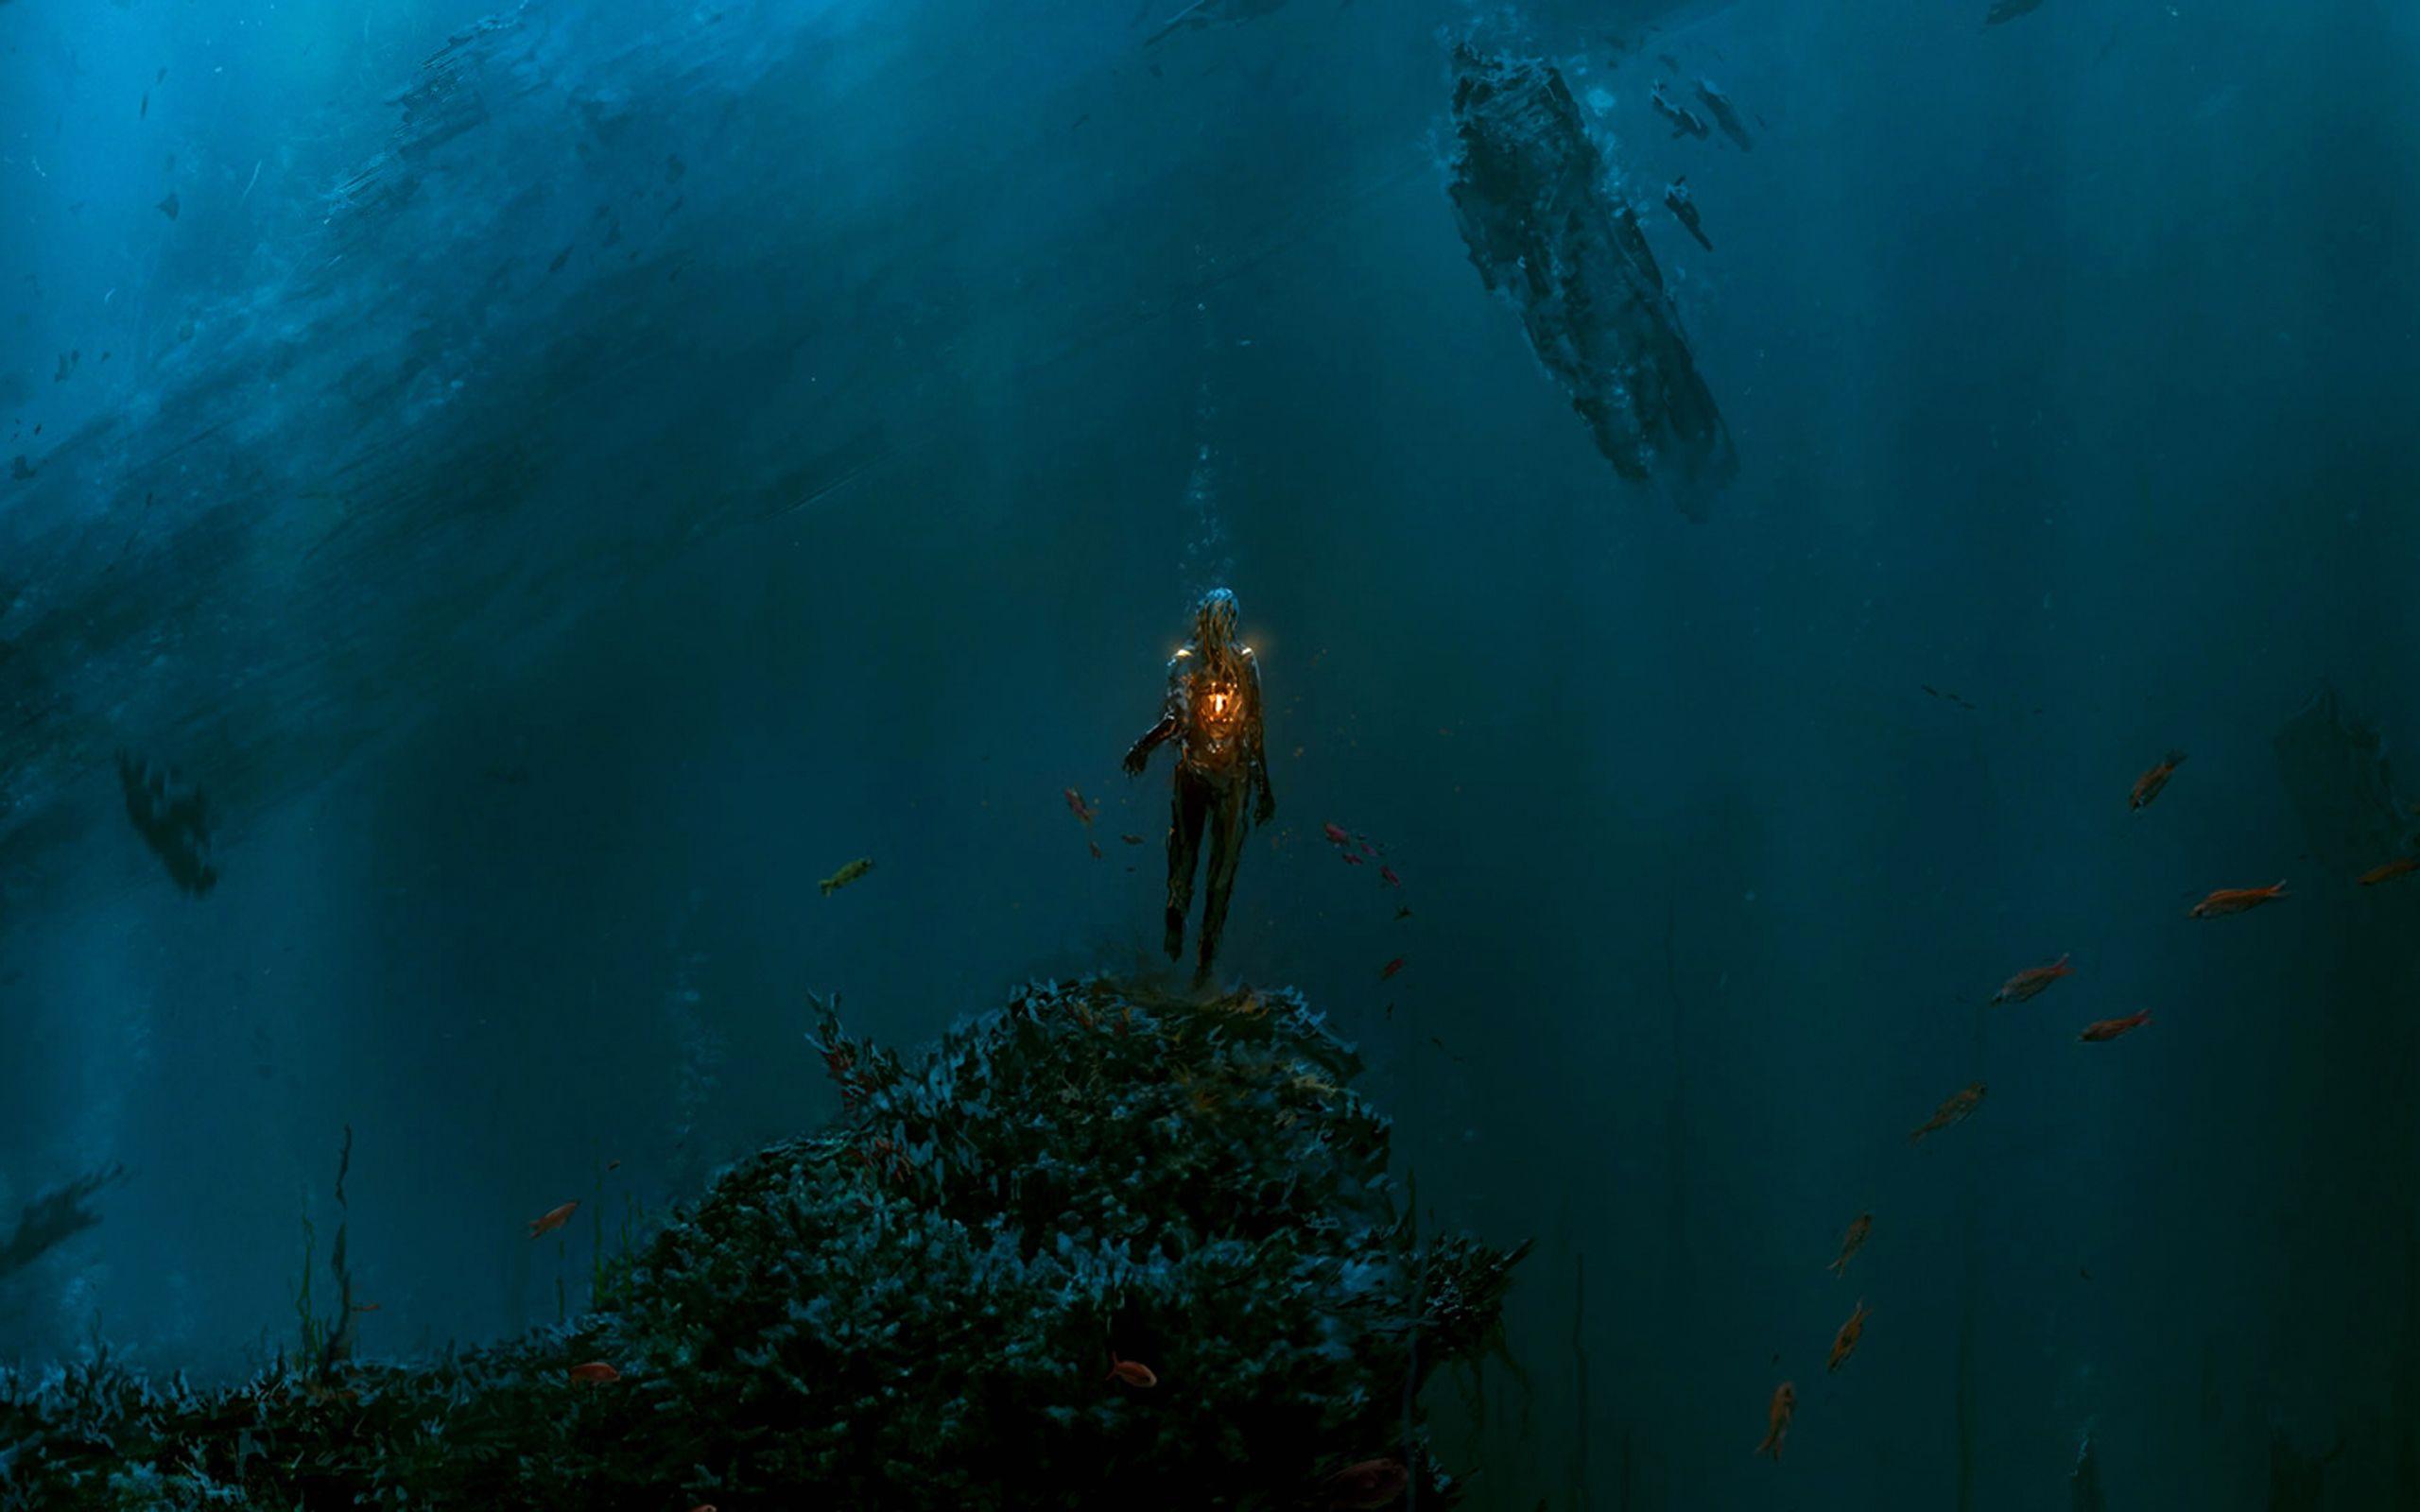 Ocean Abyss Wallpaper For Desktop 6918857 Ilustração